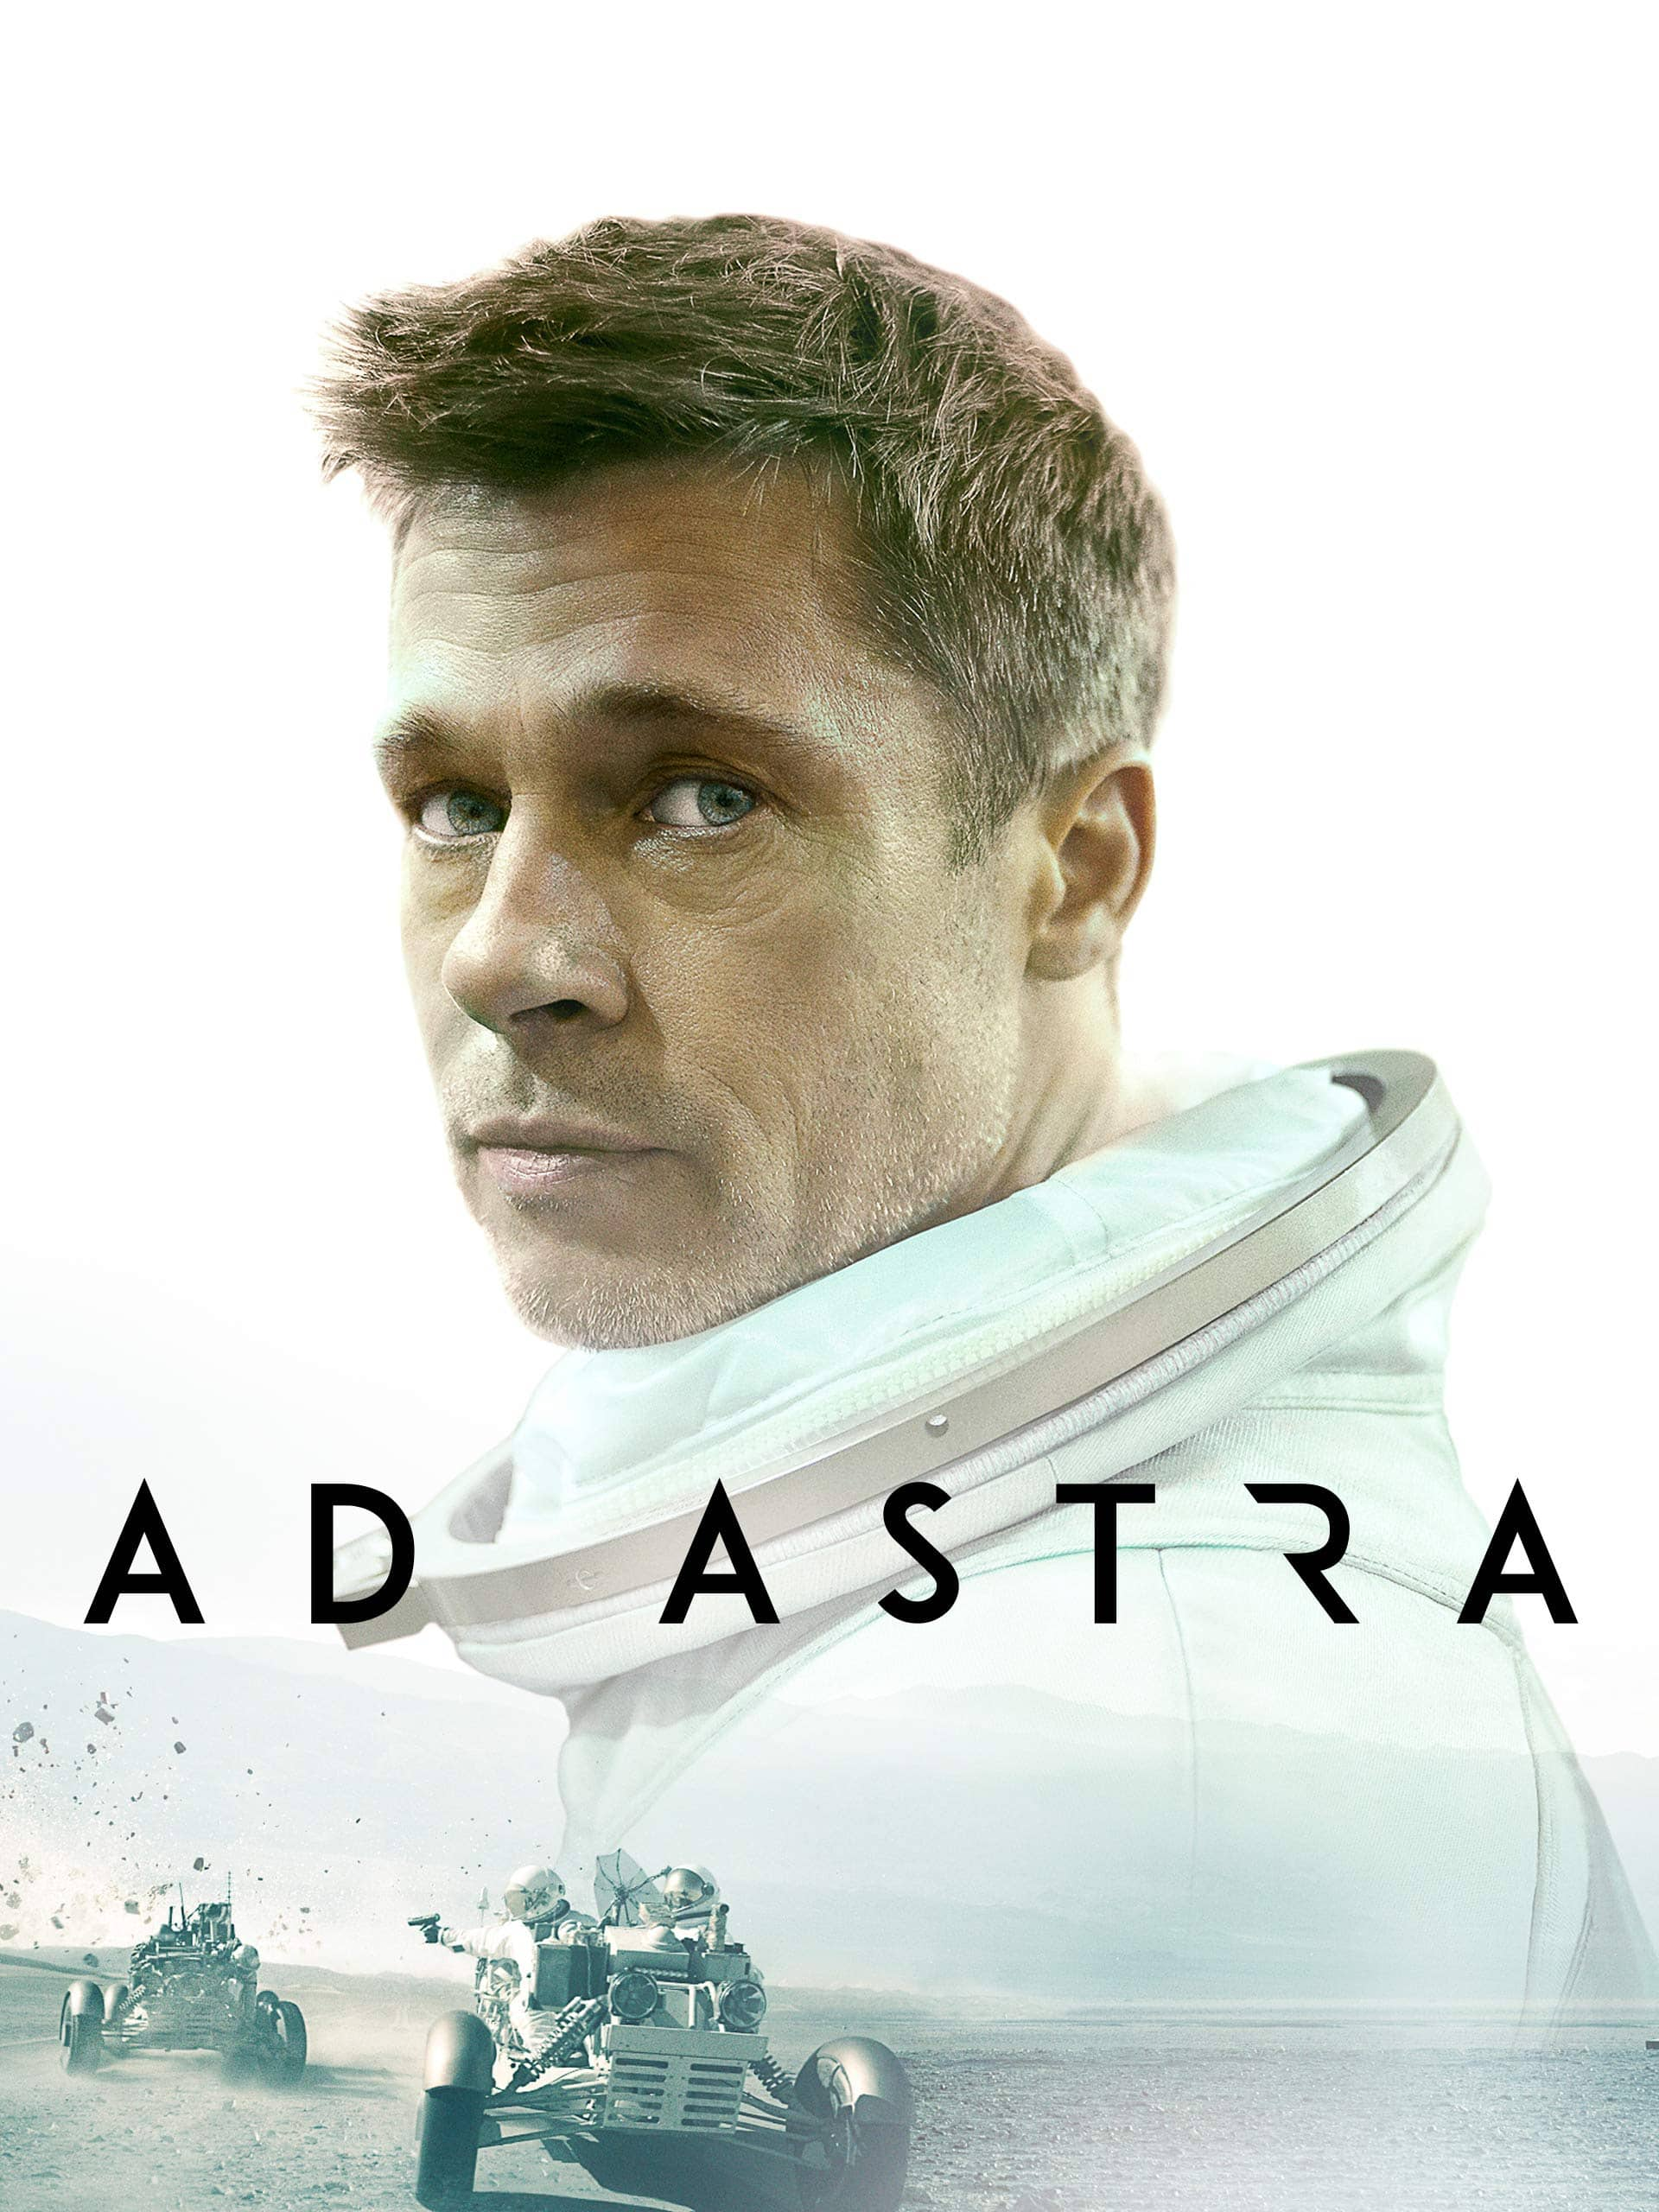 Ad Astra UHD/4K at Vudu $9.99